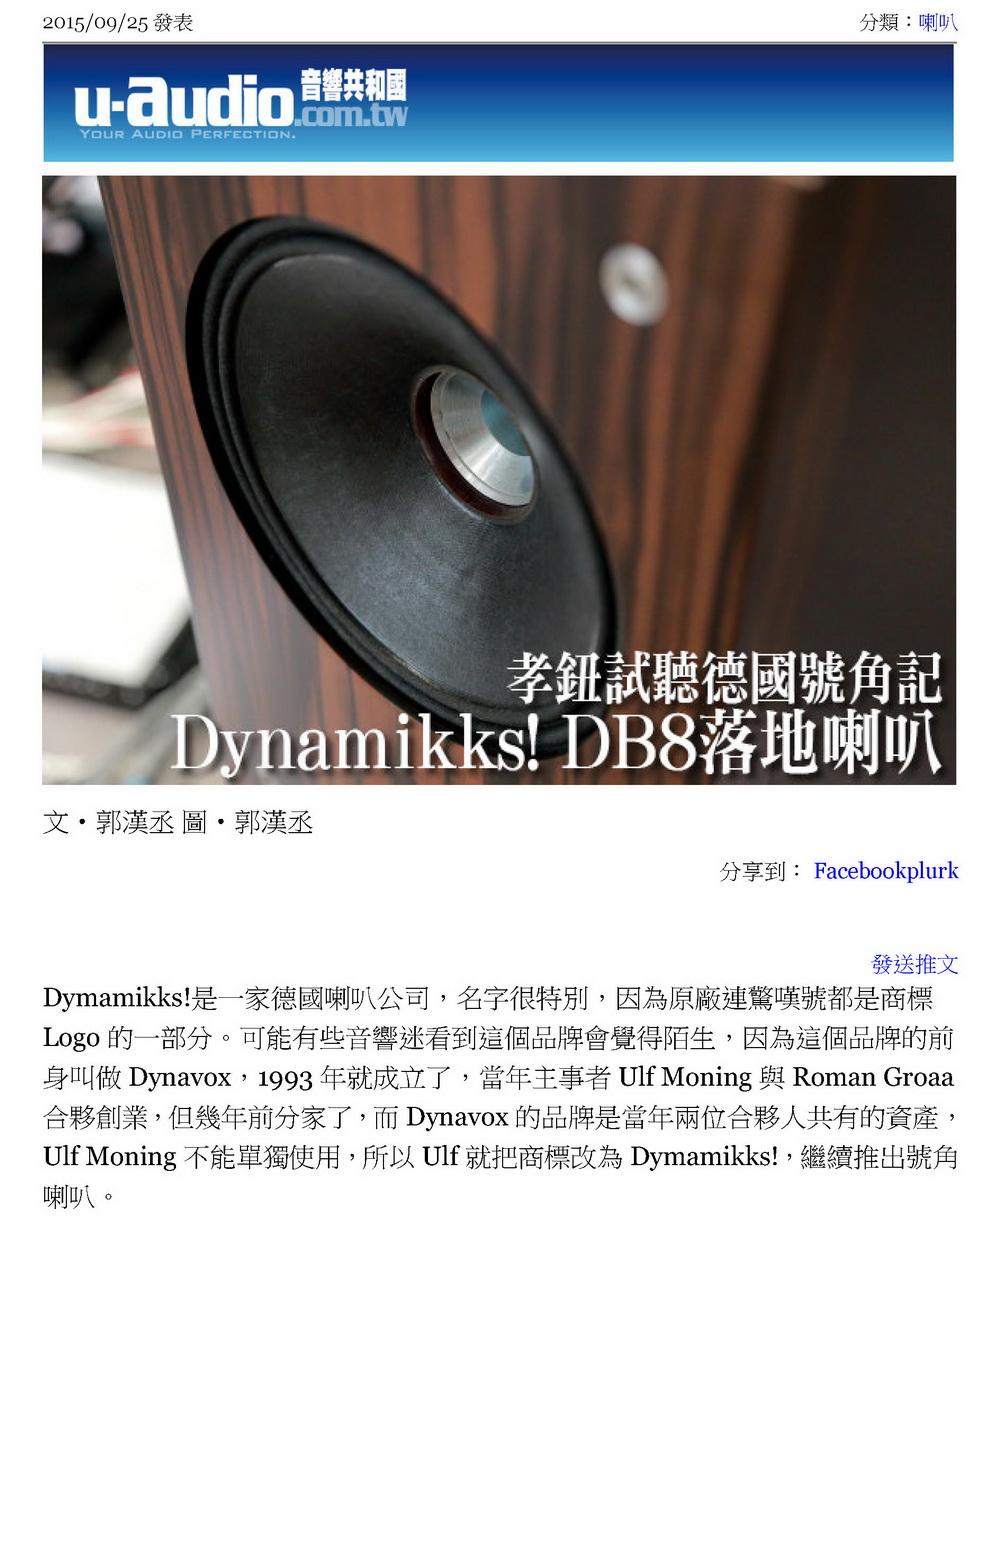 dynamikksdb8_%e9%a0%81%e9%9d%a2_01